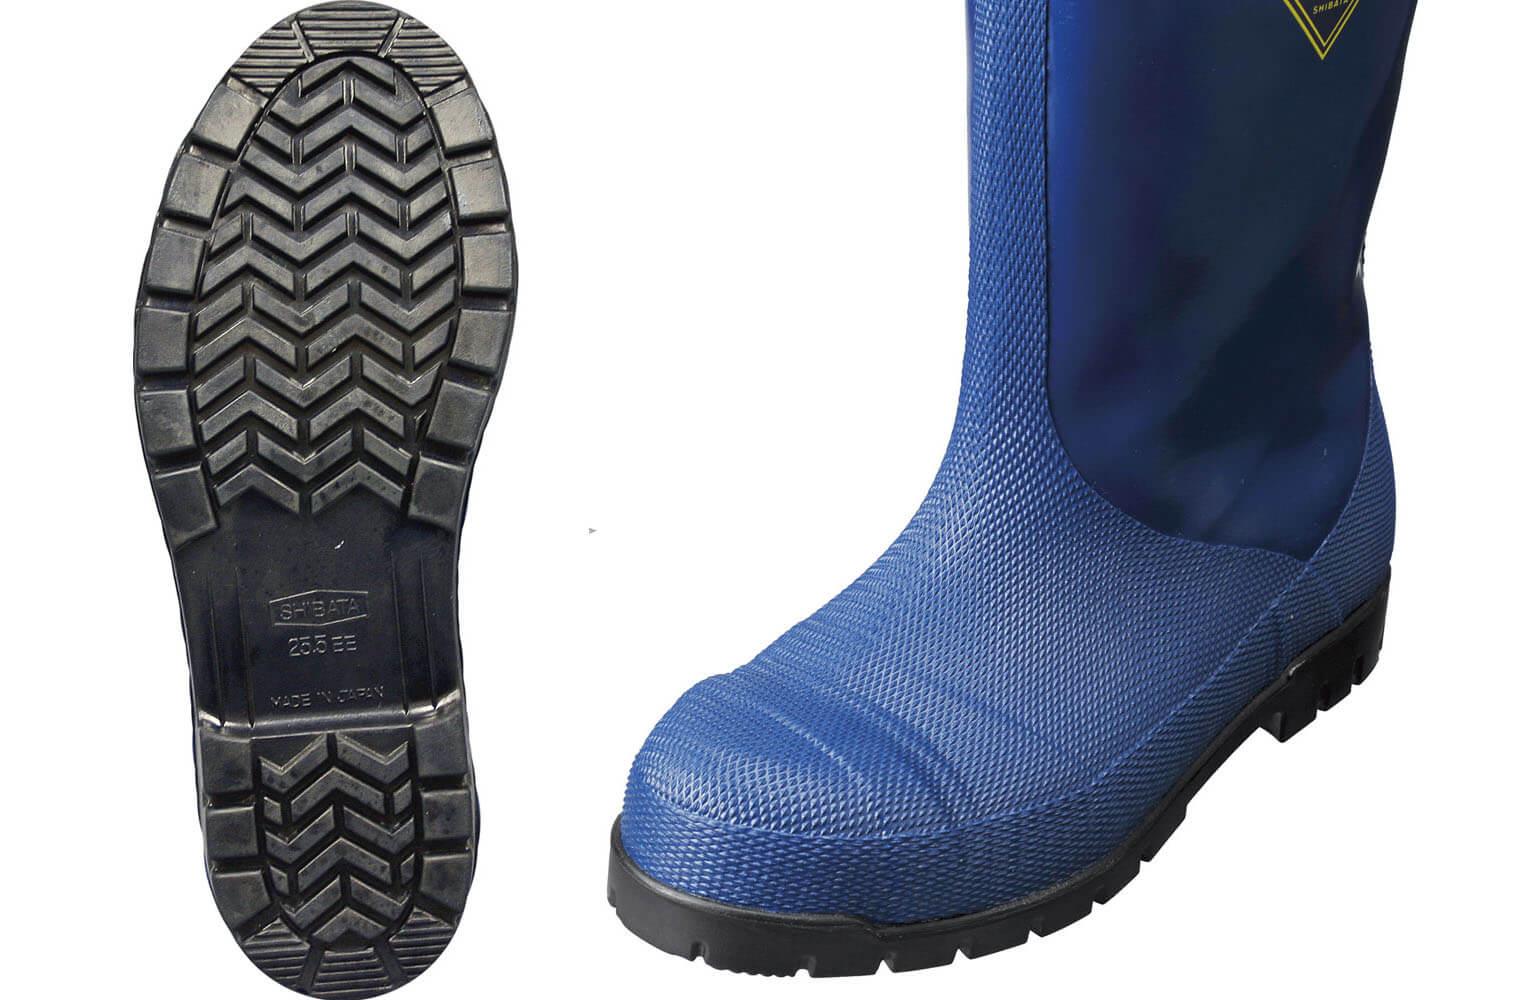 驚きの安さ シバタ工業 -40℃ シバタ工業 冷蔵庫長靴 -40℃ NR021 NR021 24cm 長靴, カワゴエシ:5a72abe3 --- blablagames.net